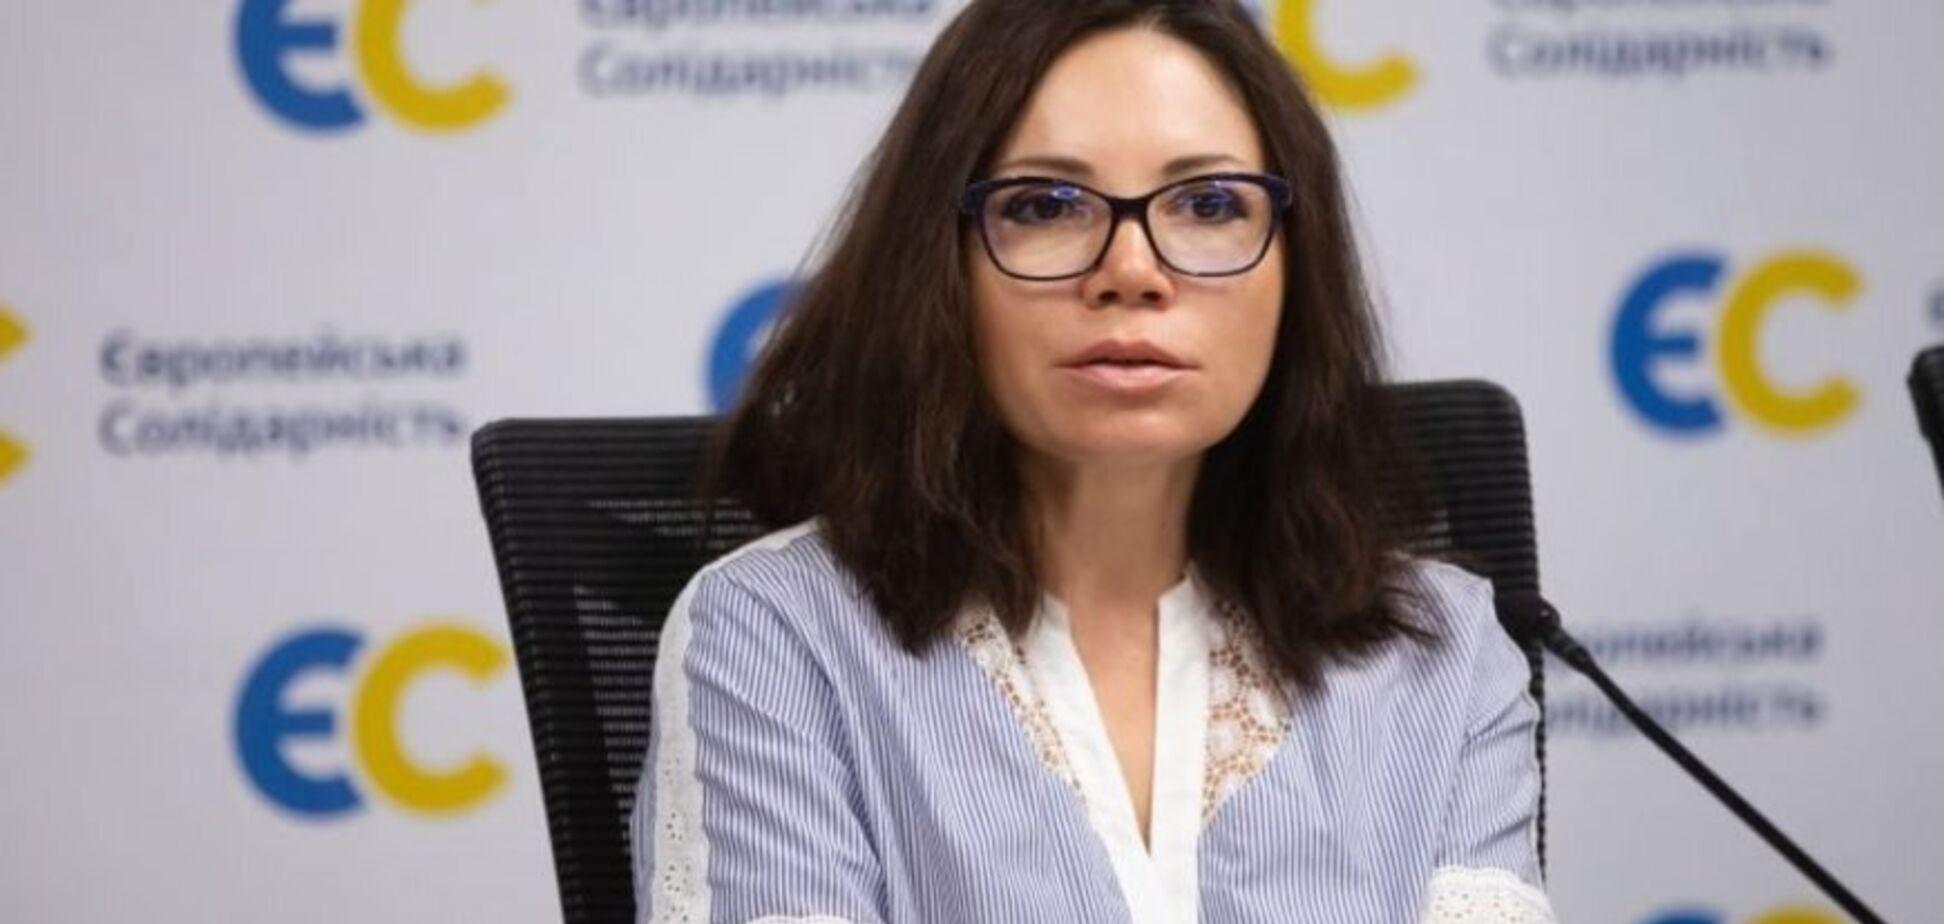 'Європейська солідарність' подвоїла торішній результат на Київщині, – Сюмар